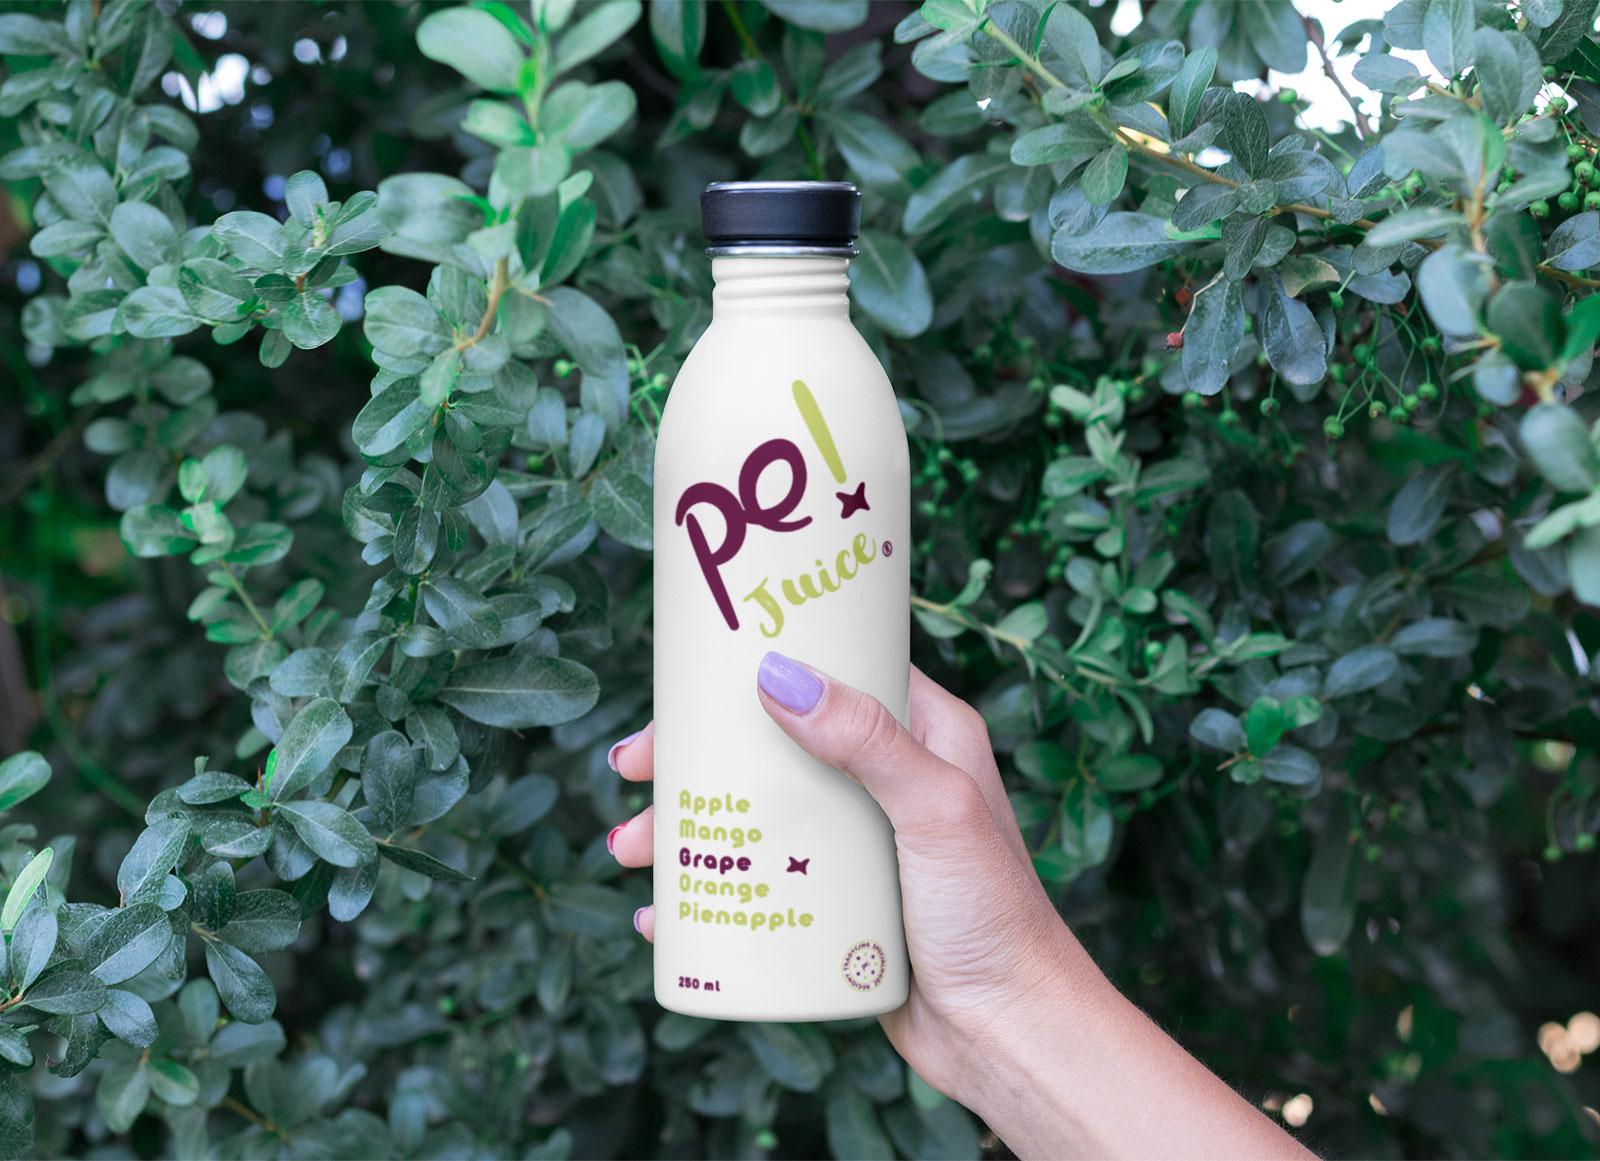 Free-Hand-Holding-Juice-Bottle-Mockup-PSD